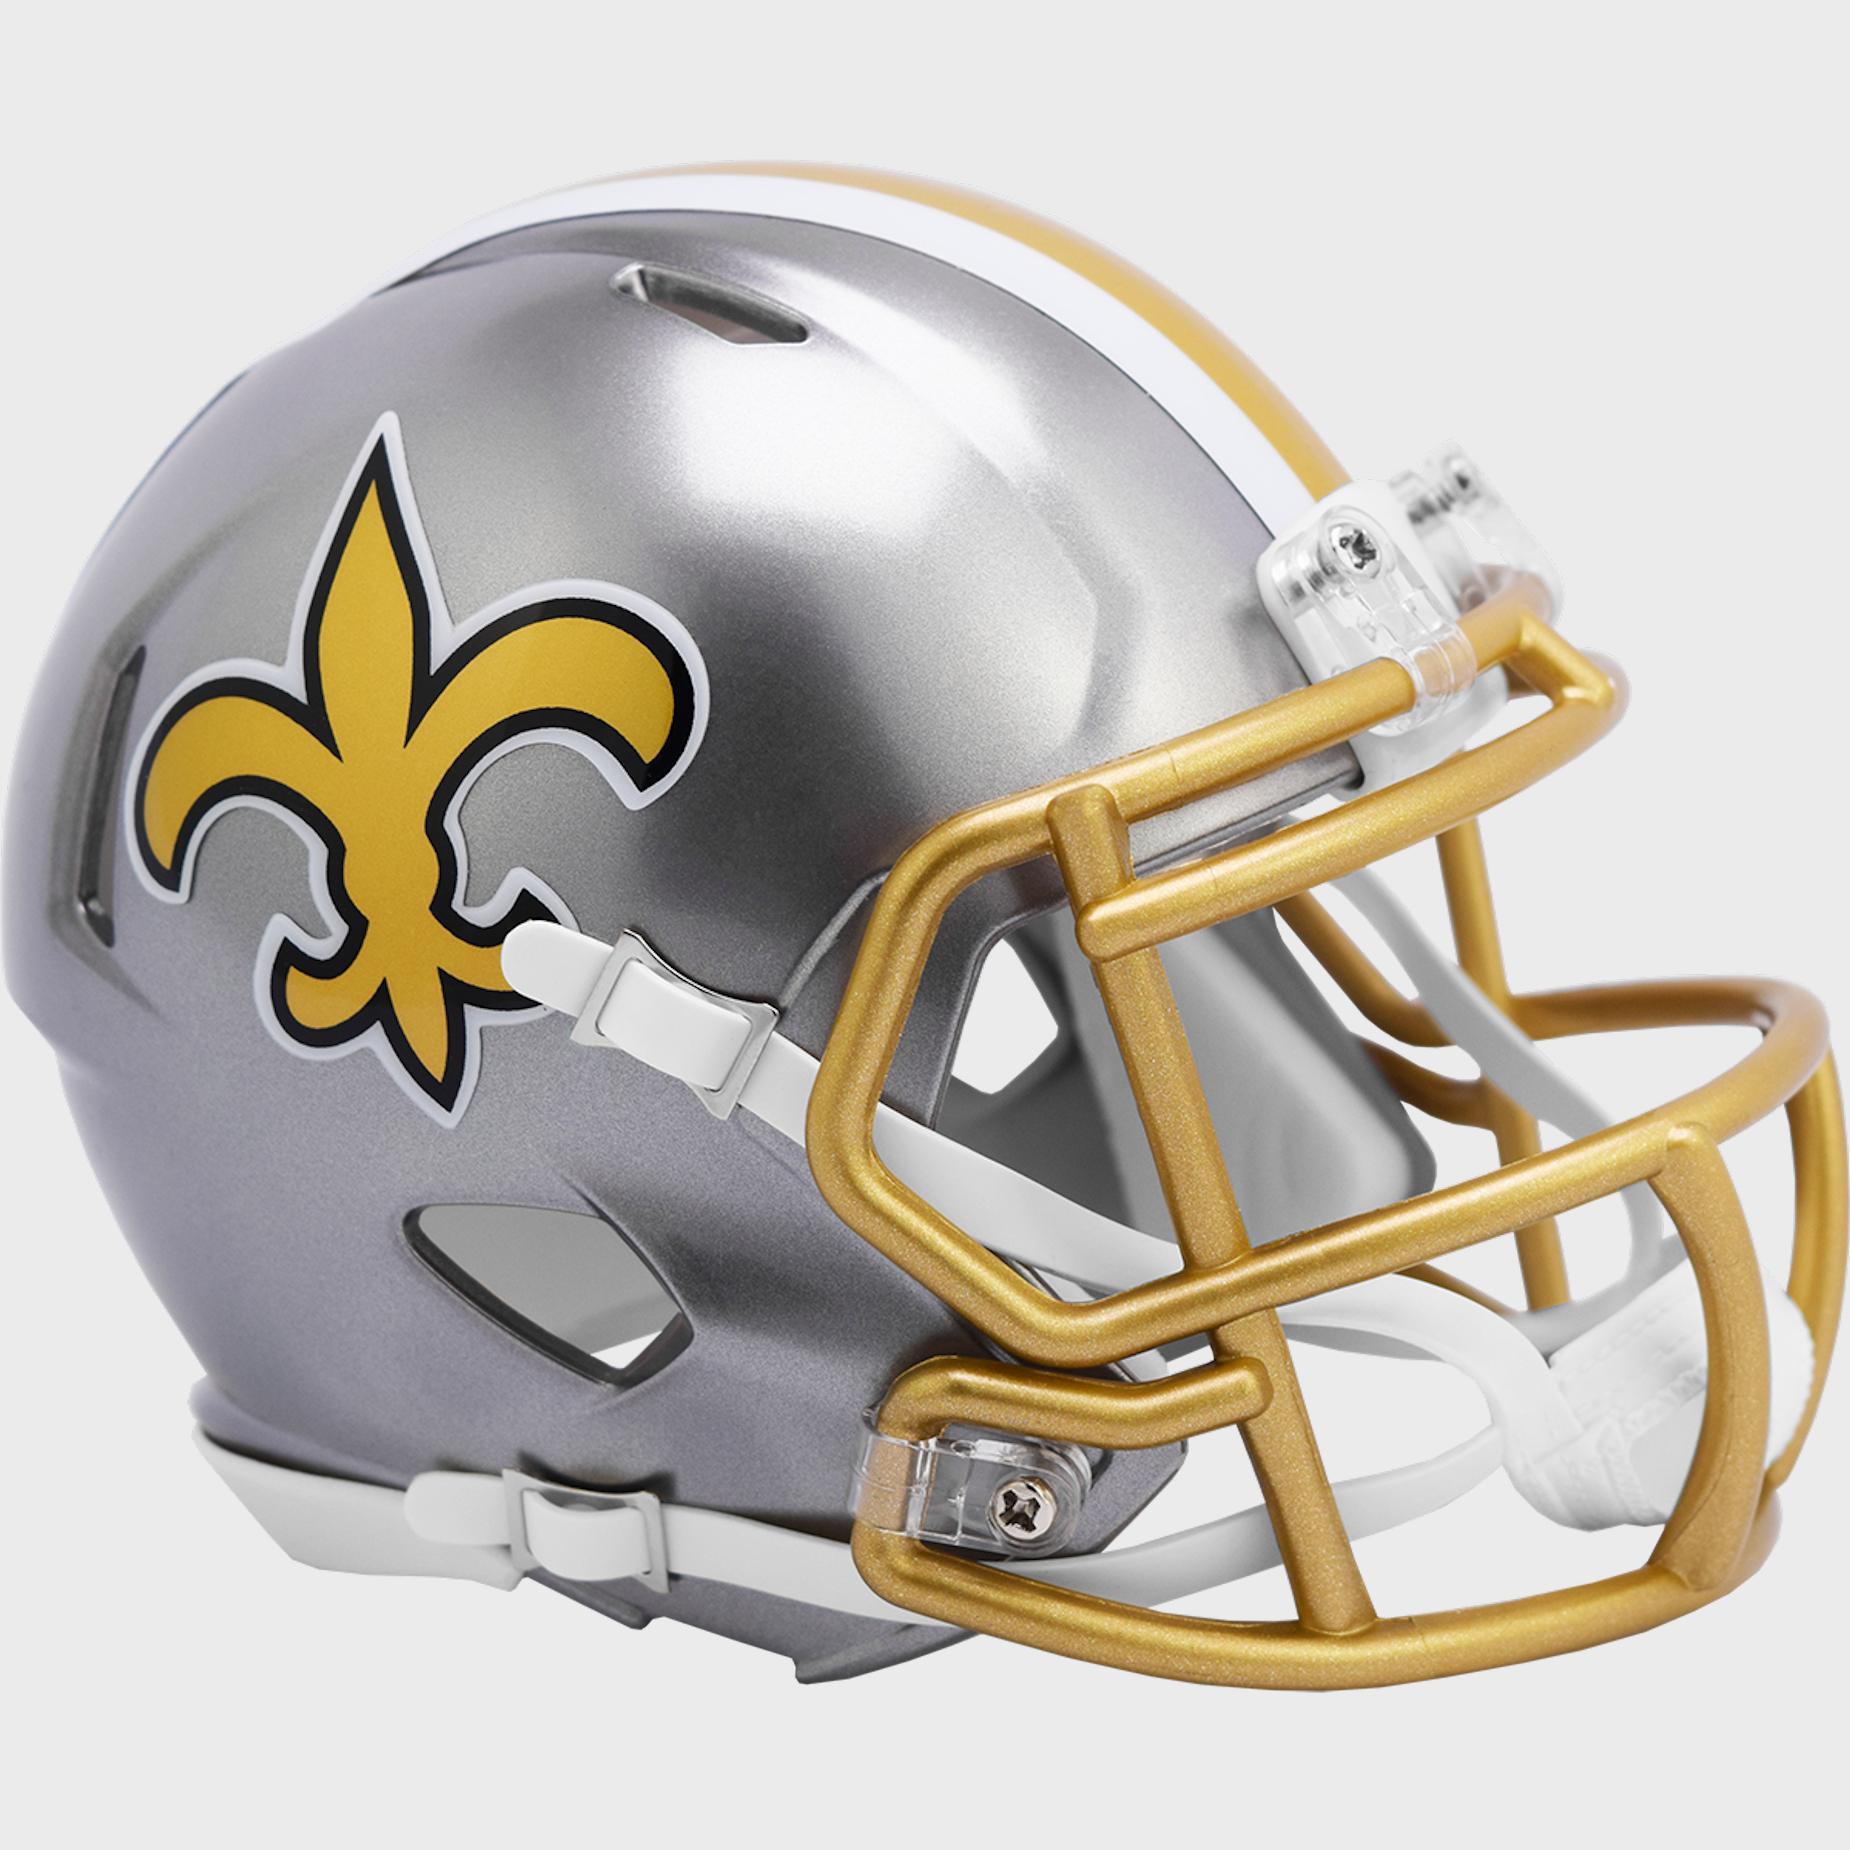 New Orleans Saints Speed Mini Football Helmet <B>FLASH ESD 8/21/21</B>